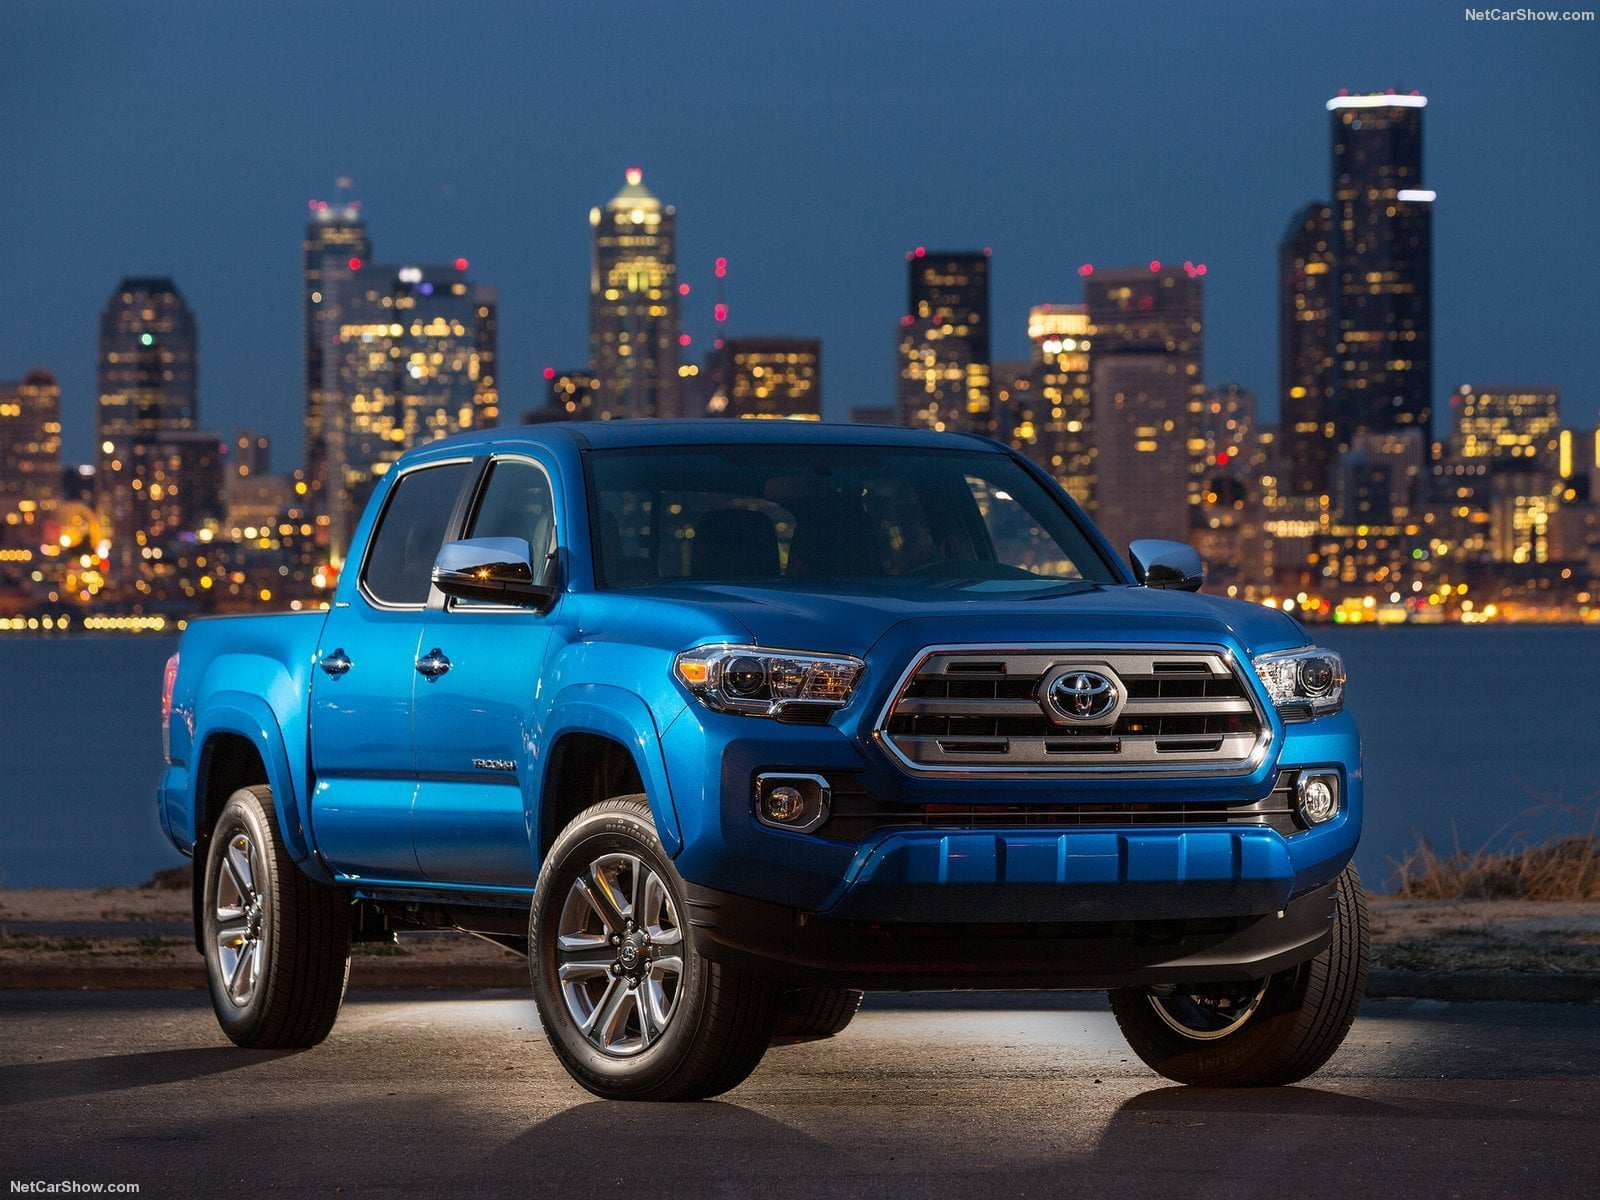 Honduras Vehicles Sales in 2015